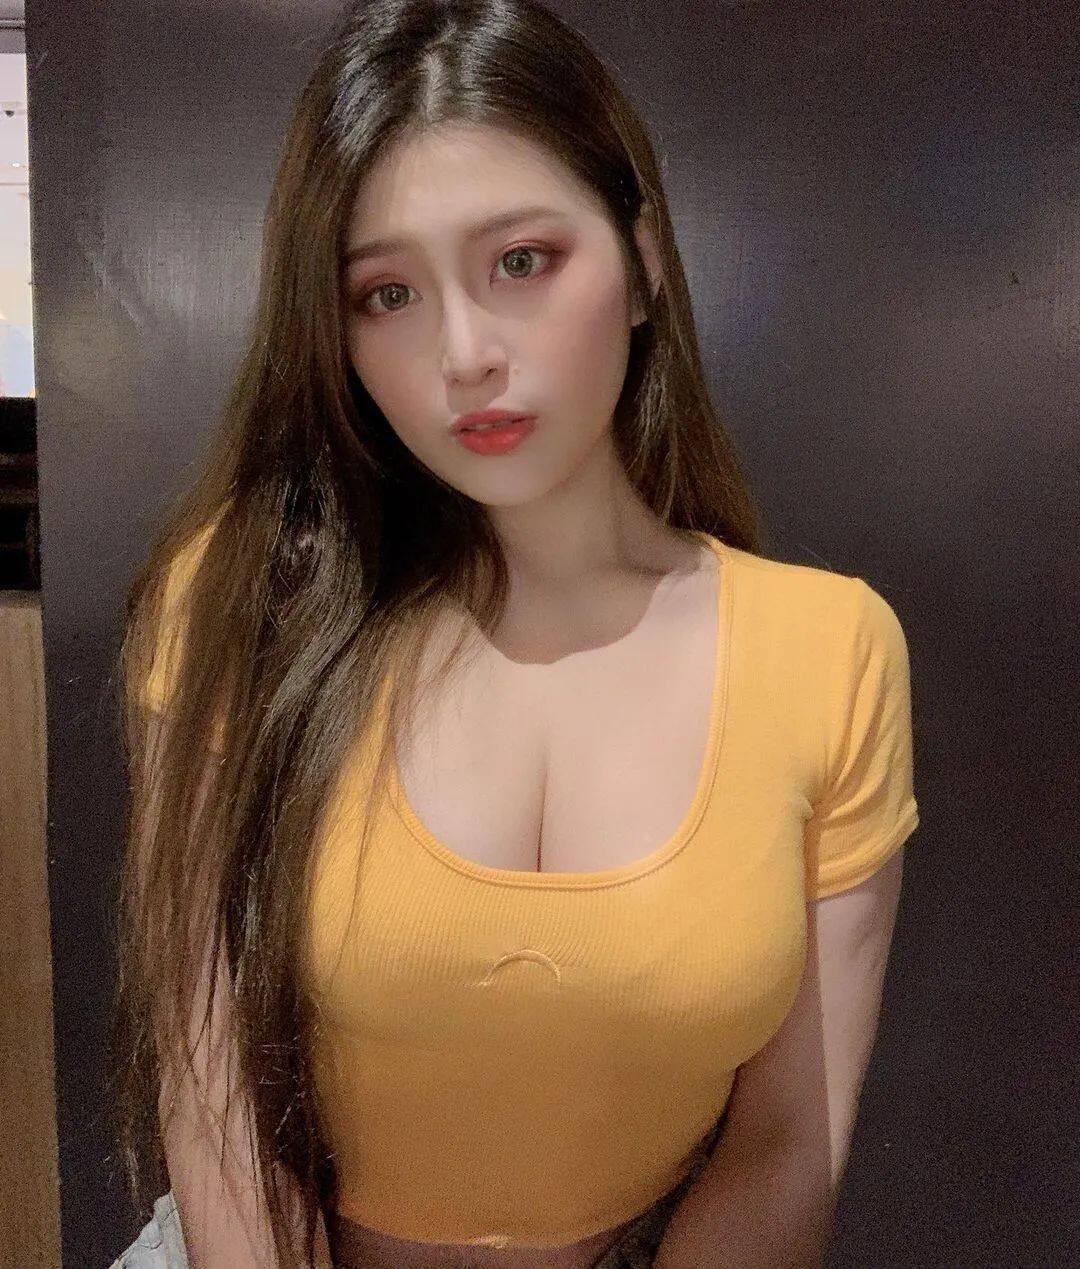 台湾网红Yumi.K穿低胸装上街惹争议!10